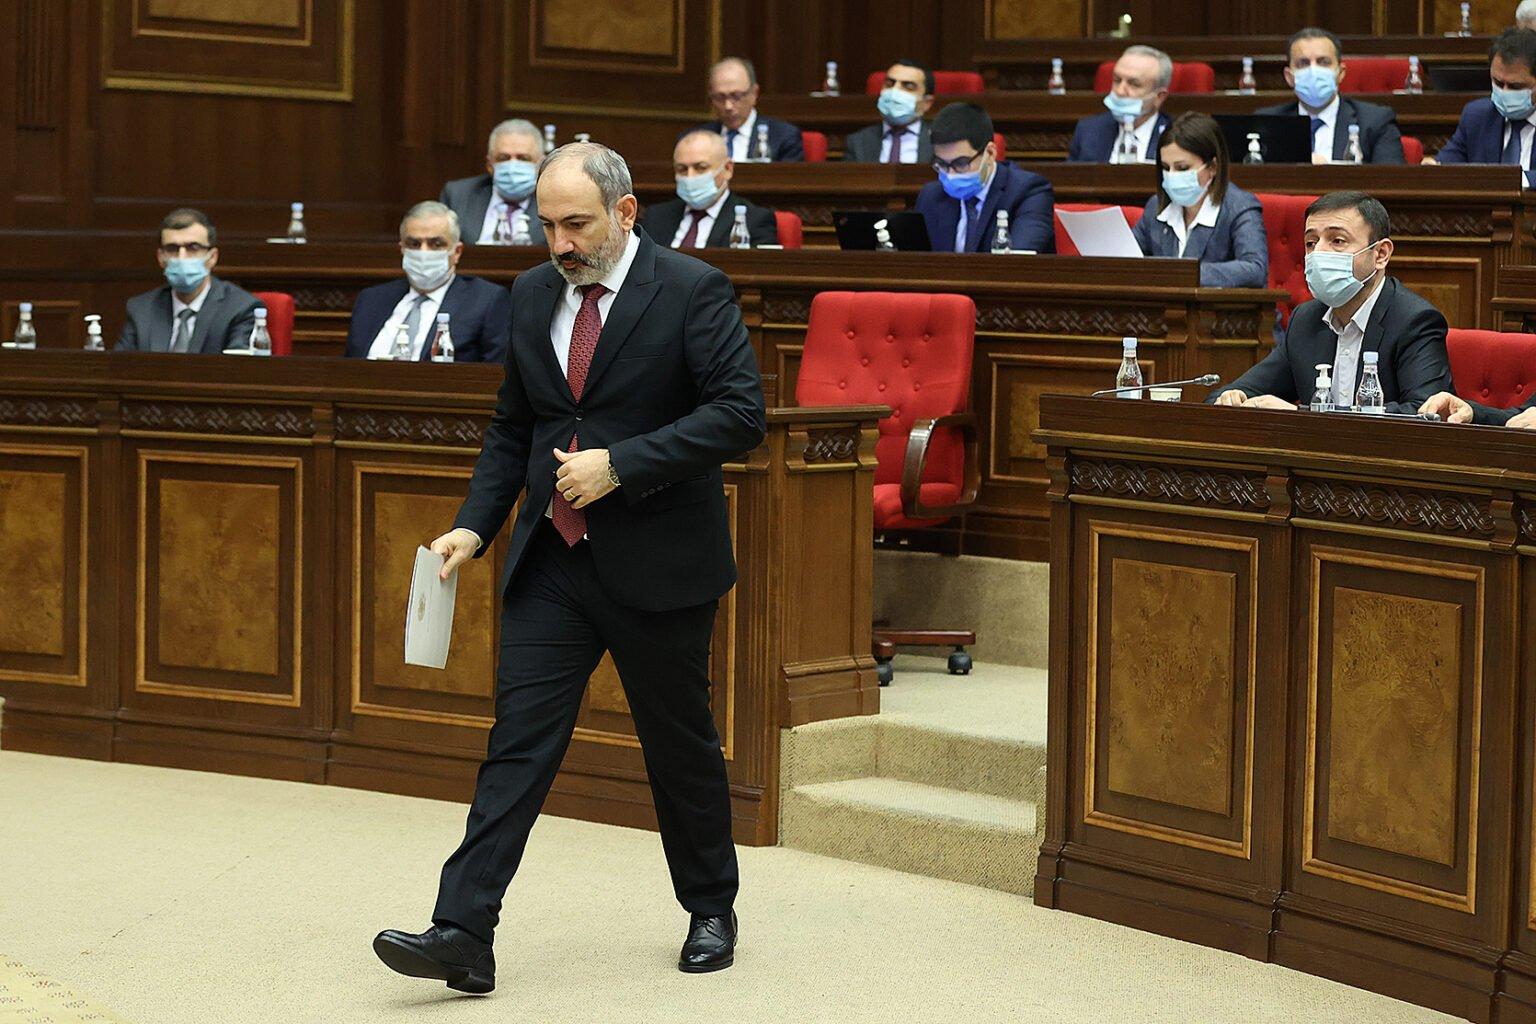 Πολιτικές εξελίξεις στην Αρμενία! Τέλος Απριλίου παραιτείται ο Πασινιάν!